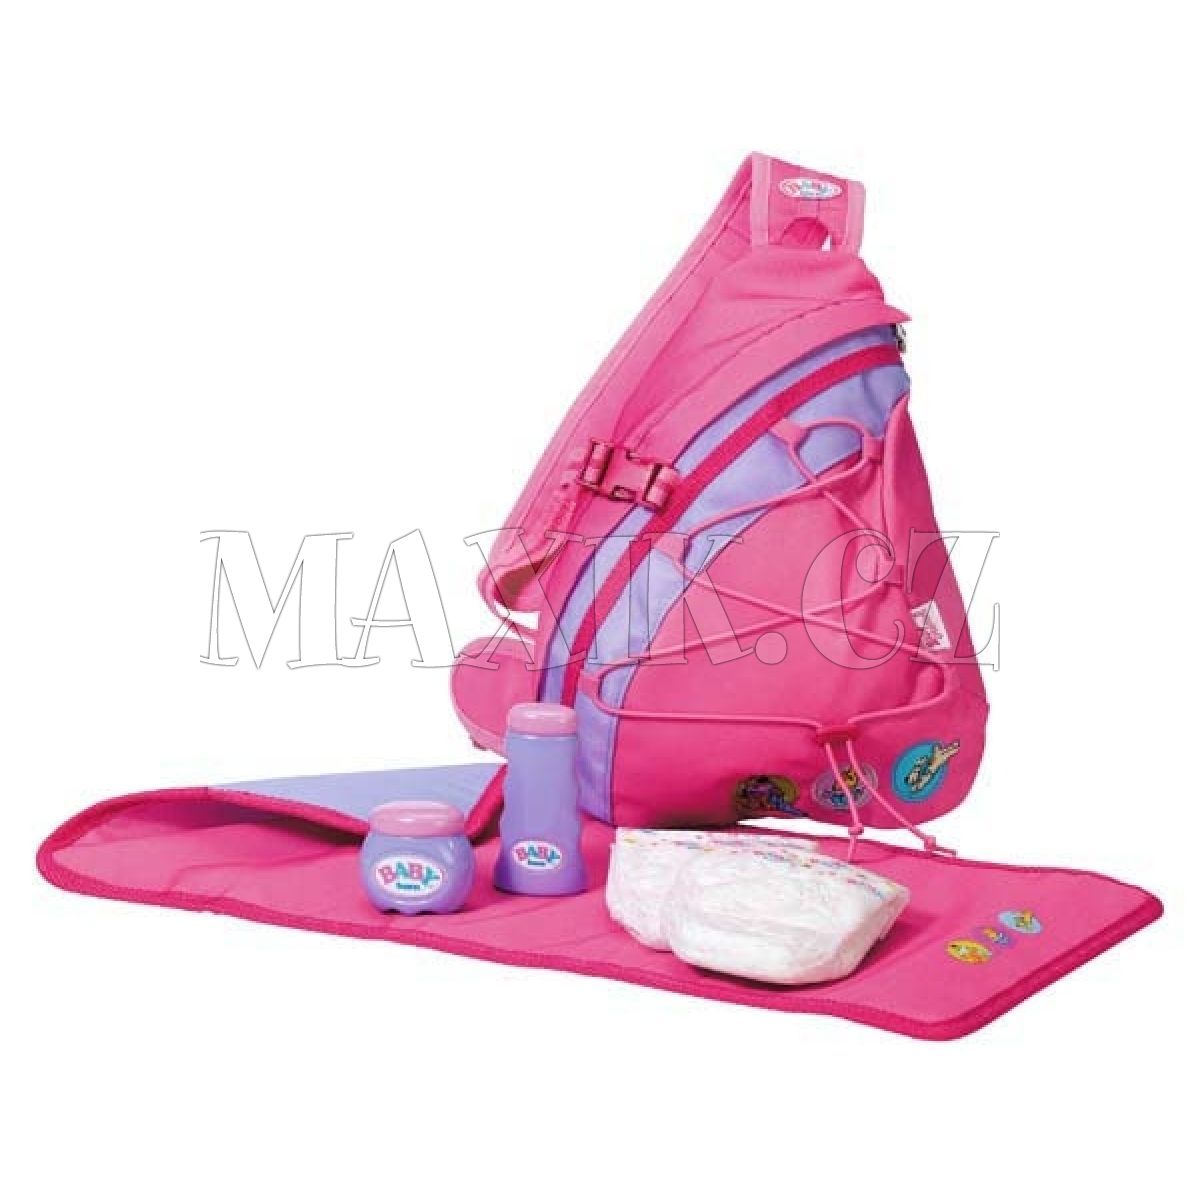 Как сделать сумку переноску для беби бона